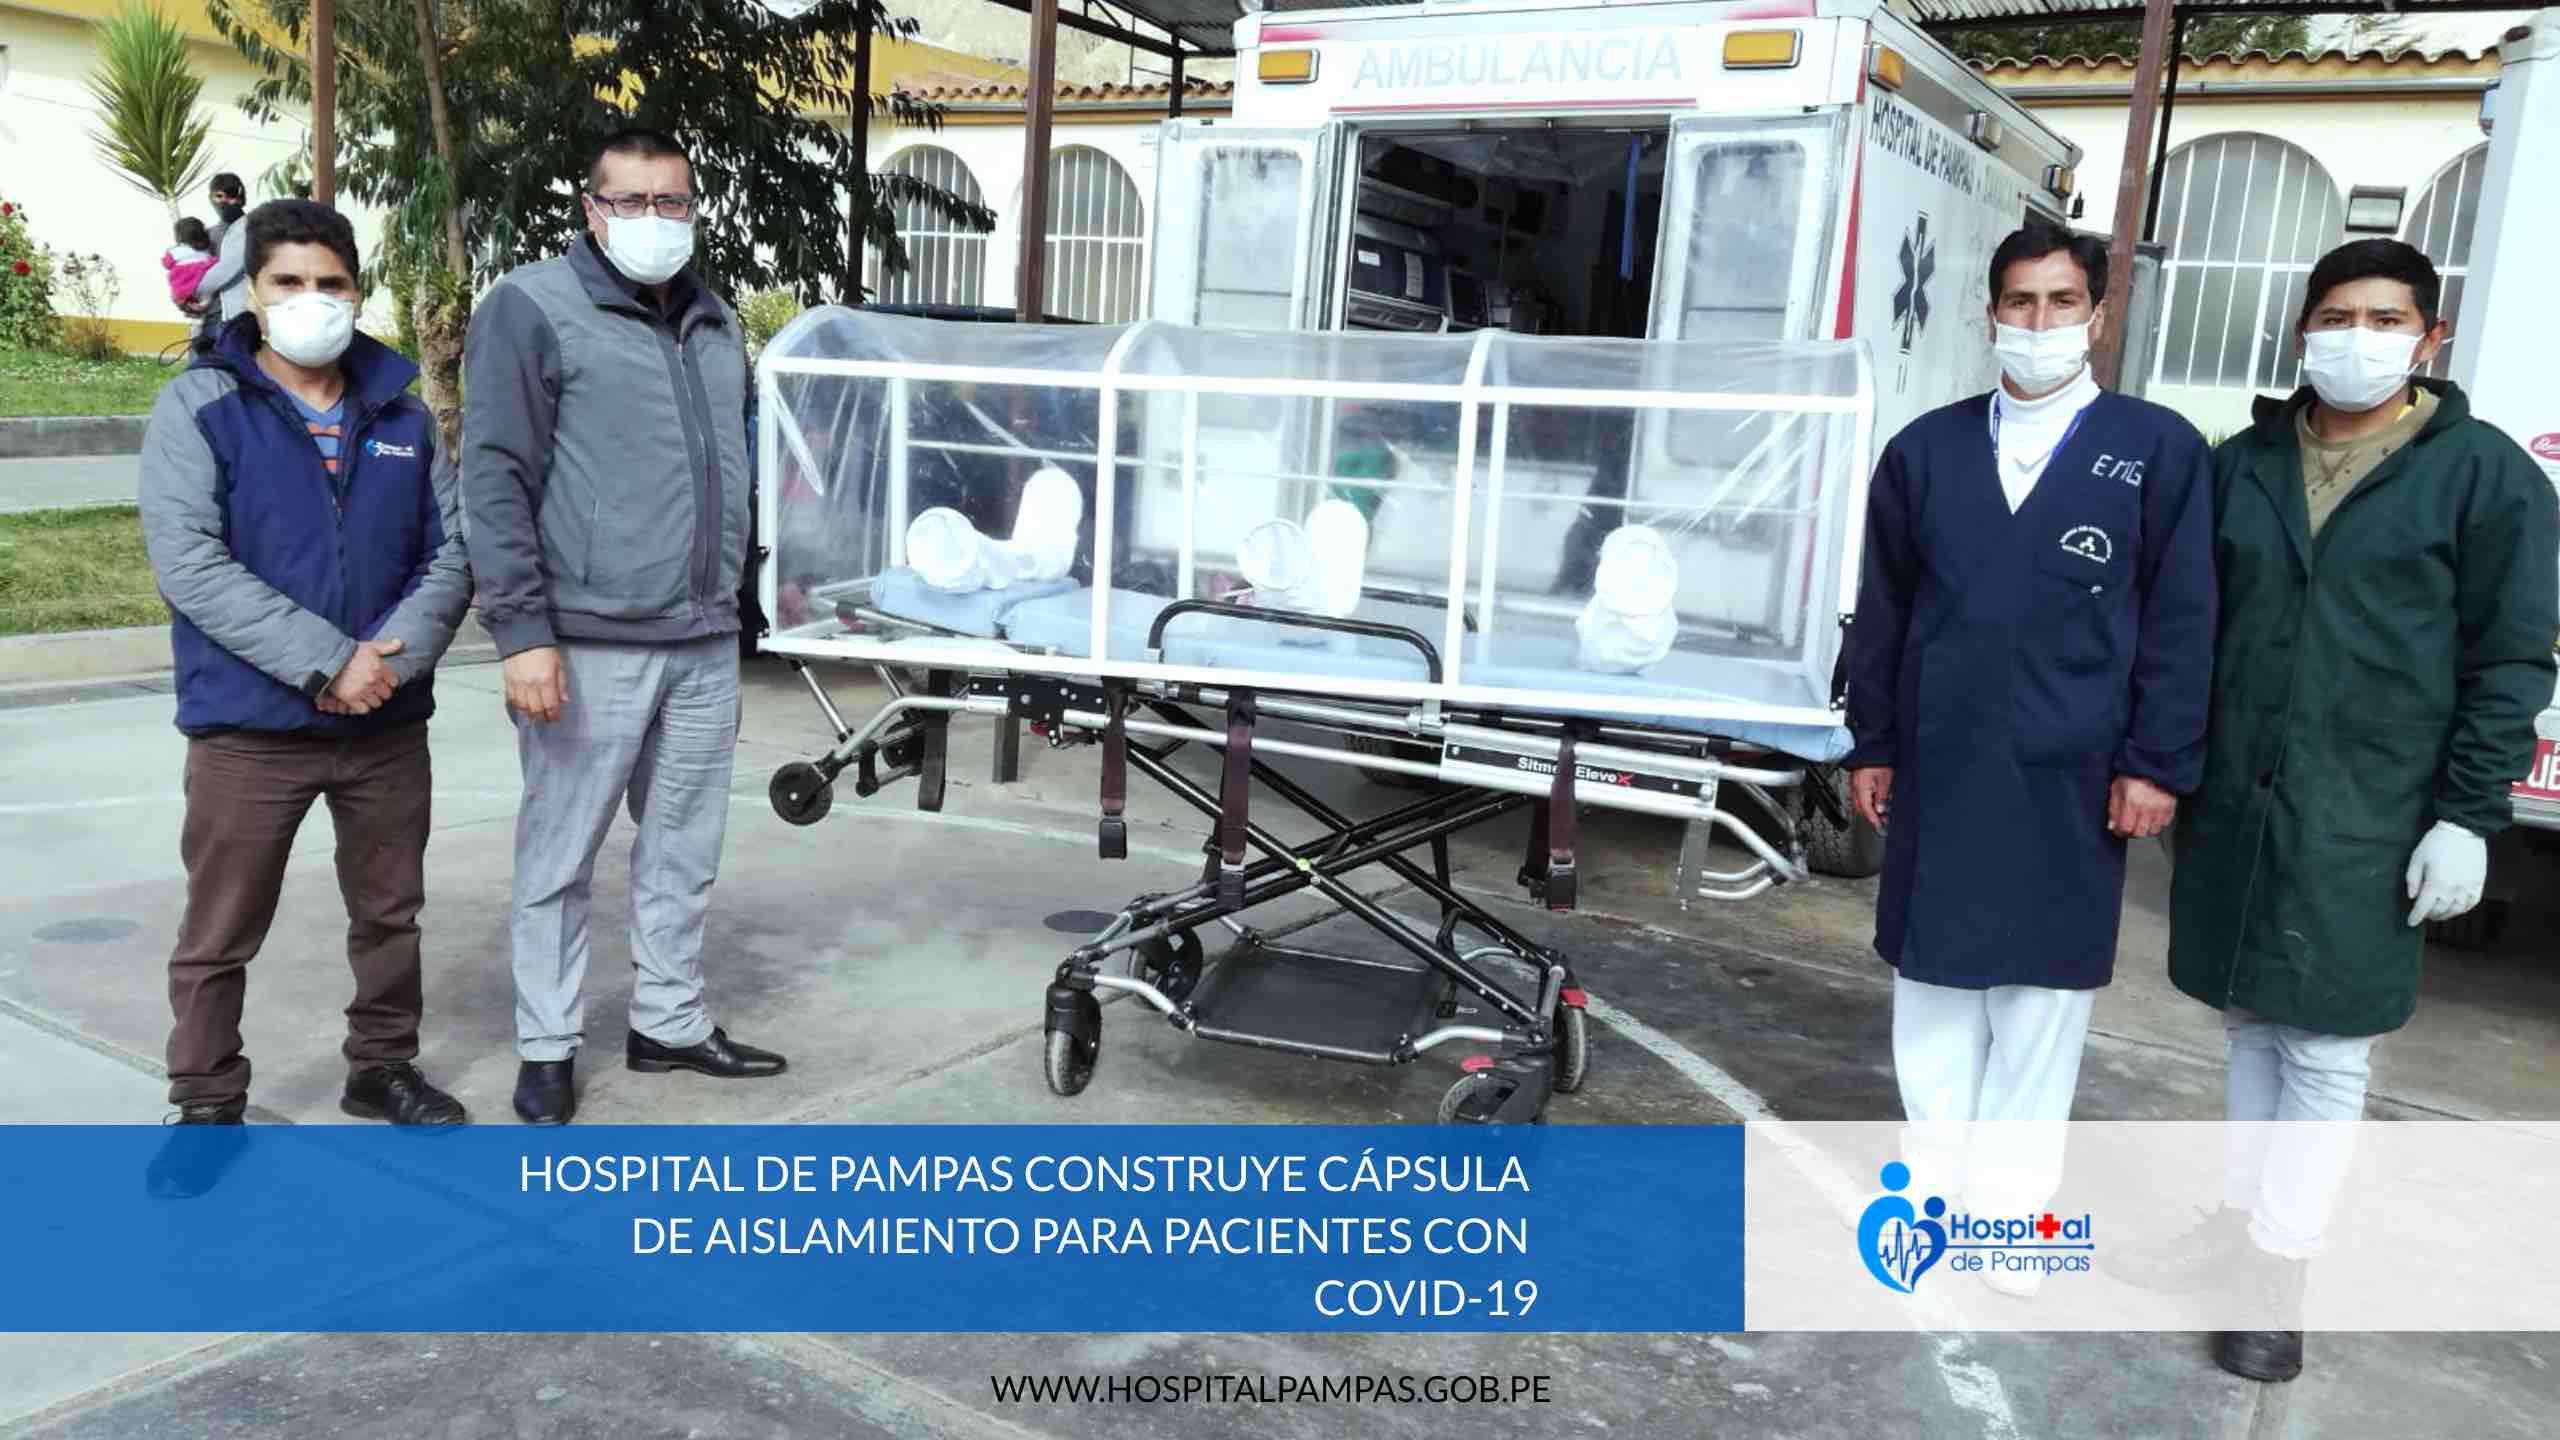 HOSPITAL DE PAMPAS CONSTRUYE CÁPSULA DE AISLAMIENTO PARA PACIENTES CON COVID-19